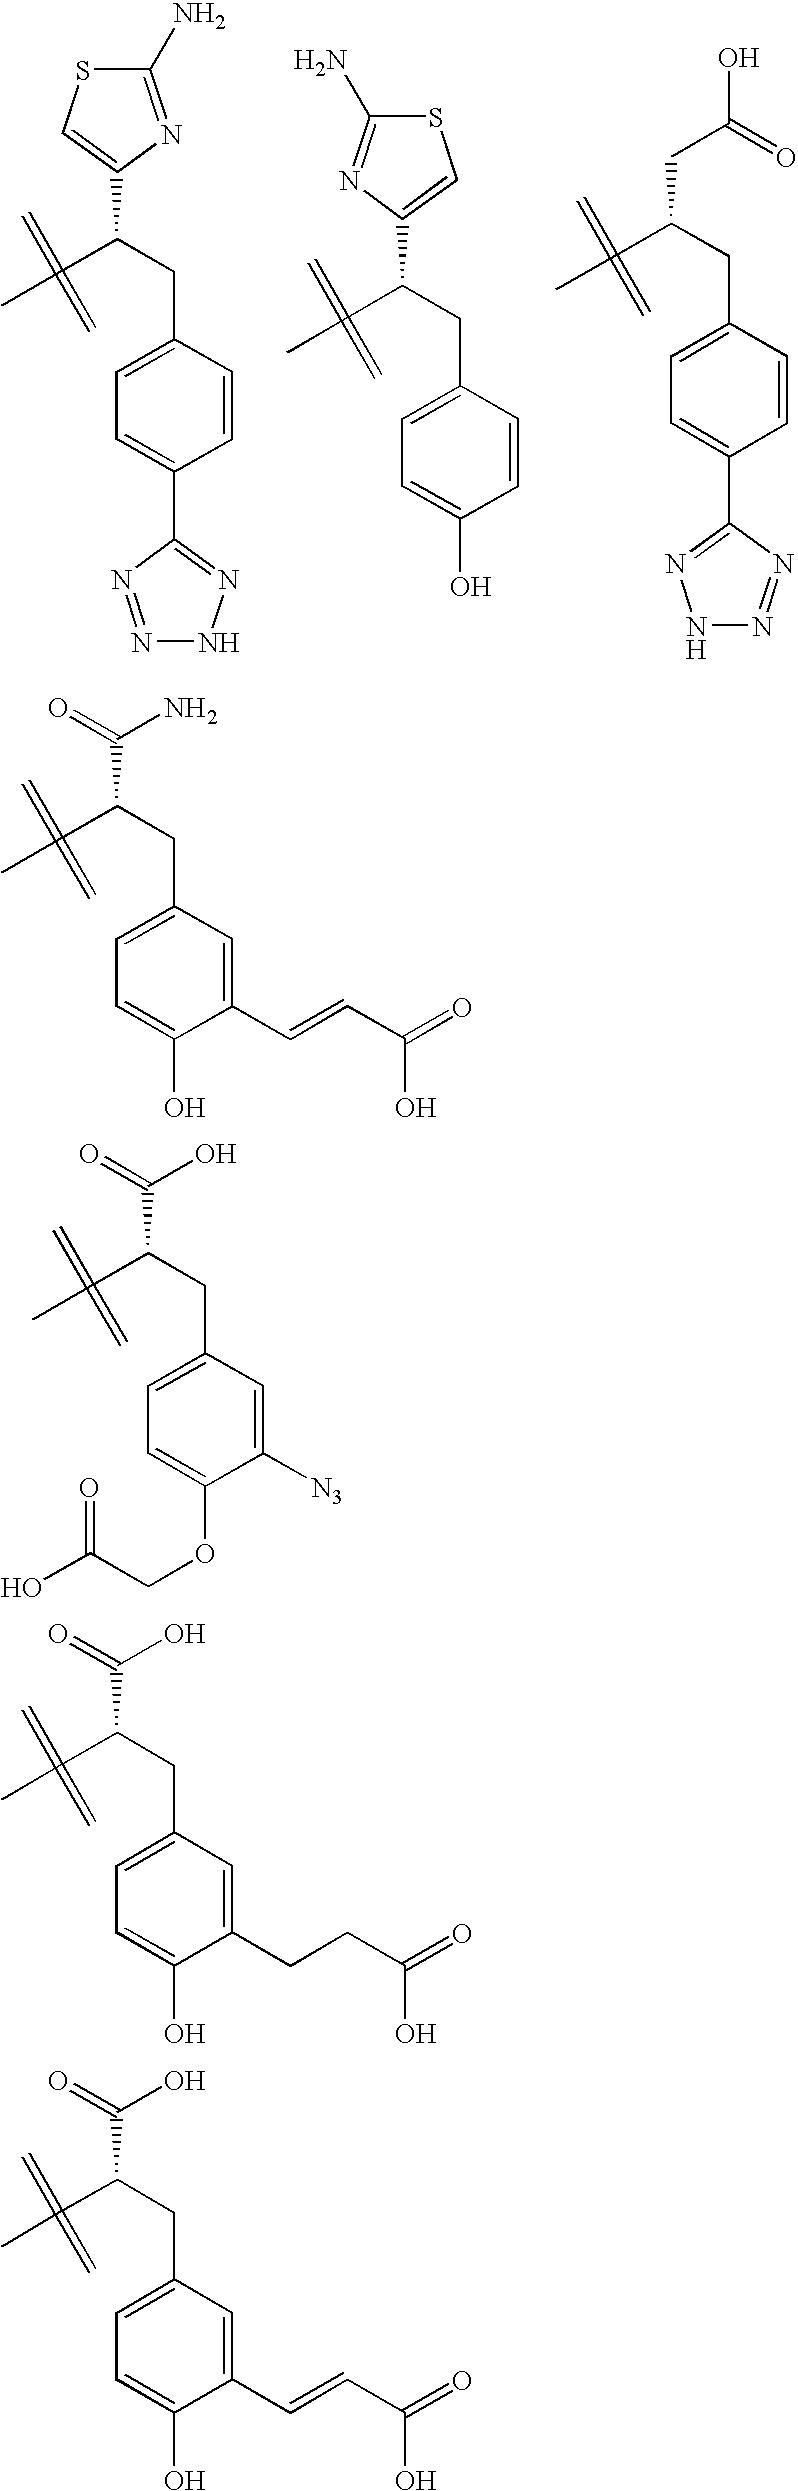 Figure US20070049593A1-20070301-C00133